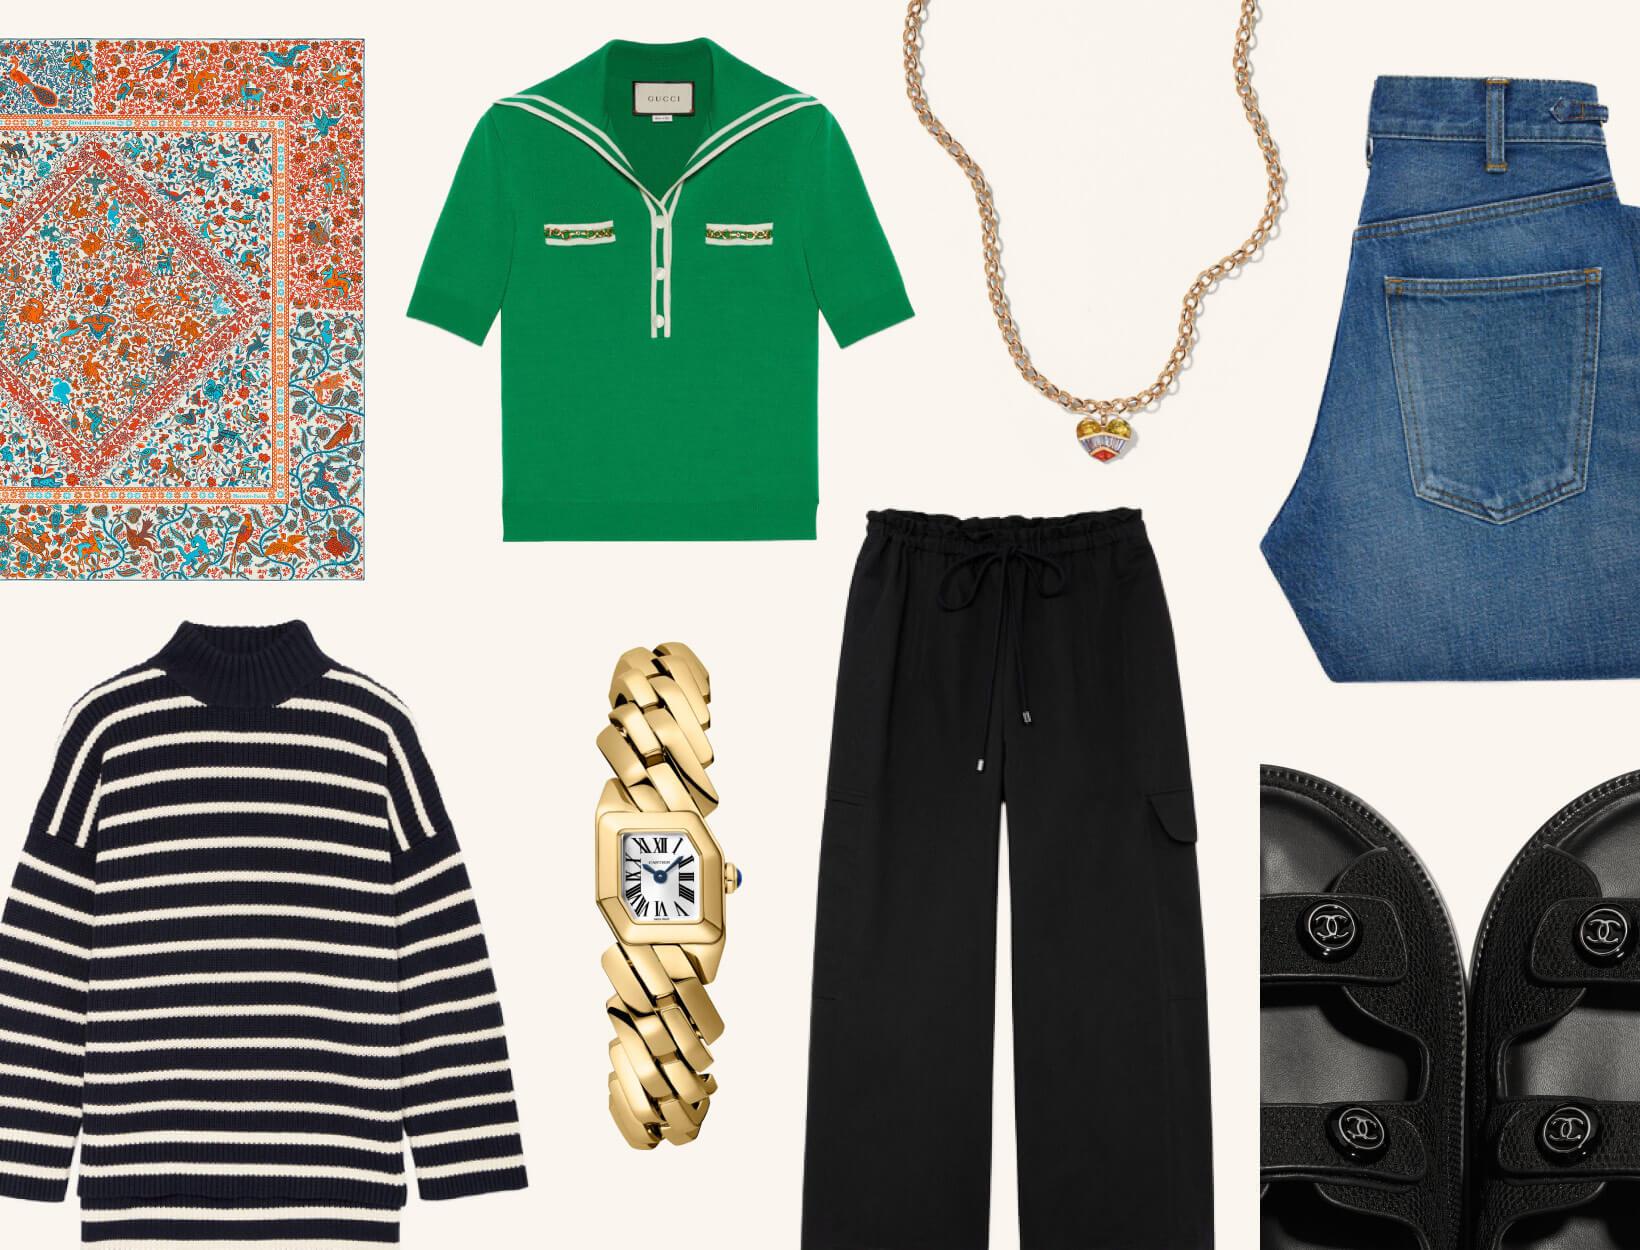 basic clothing items